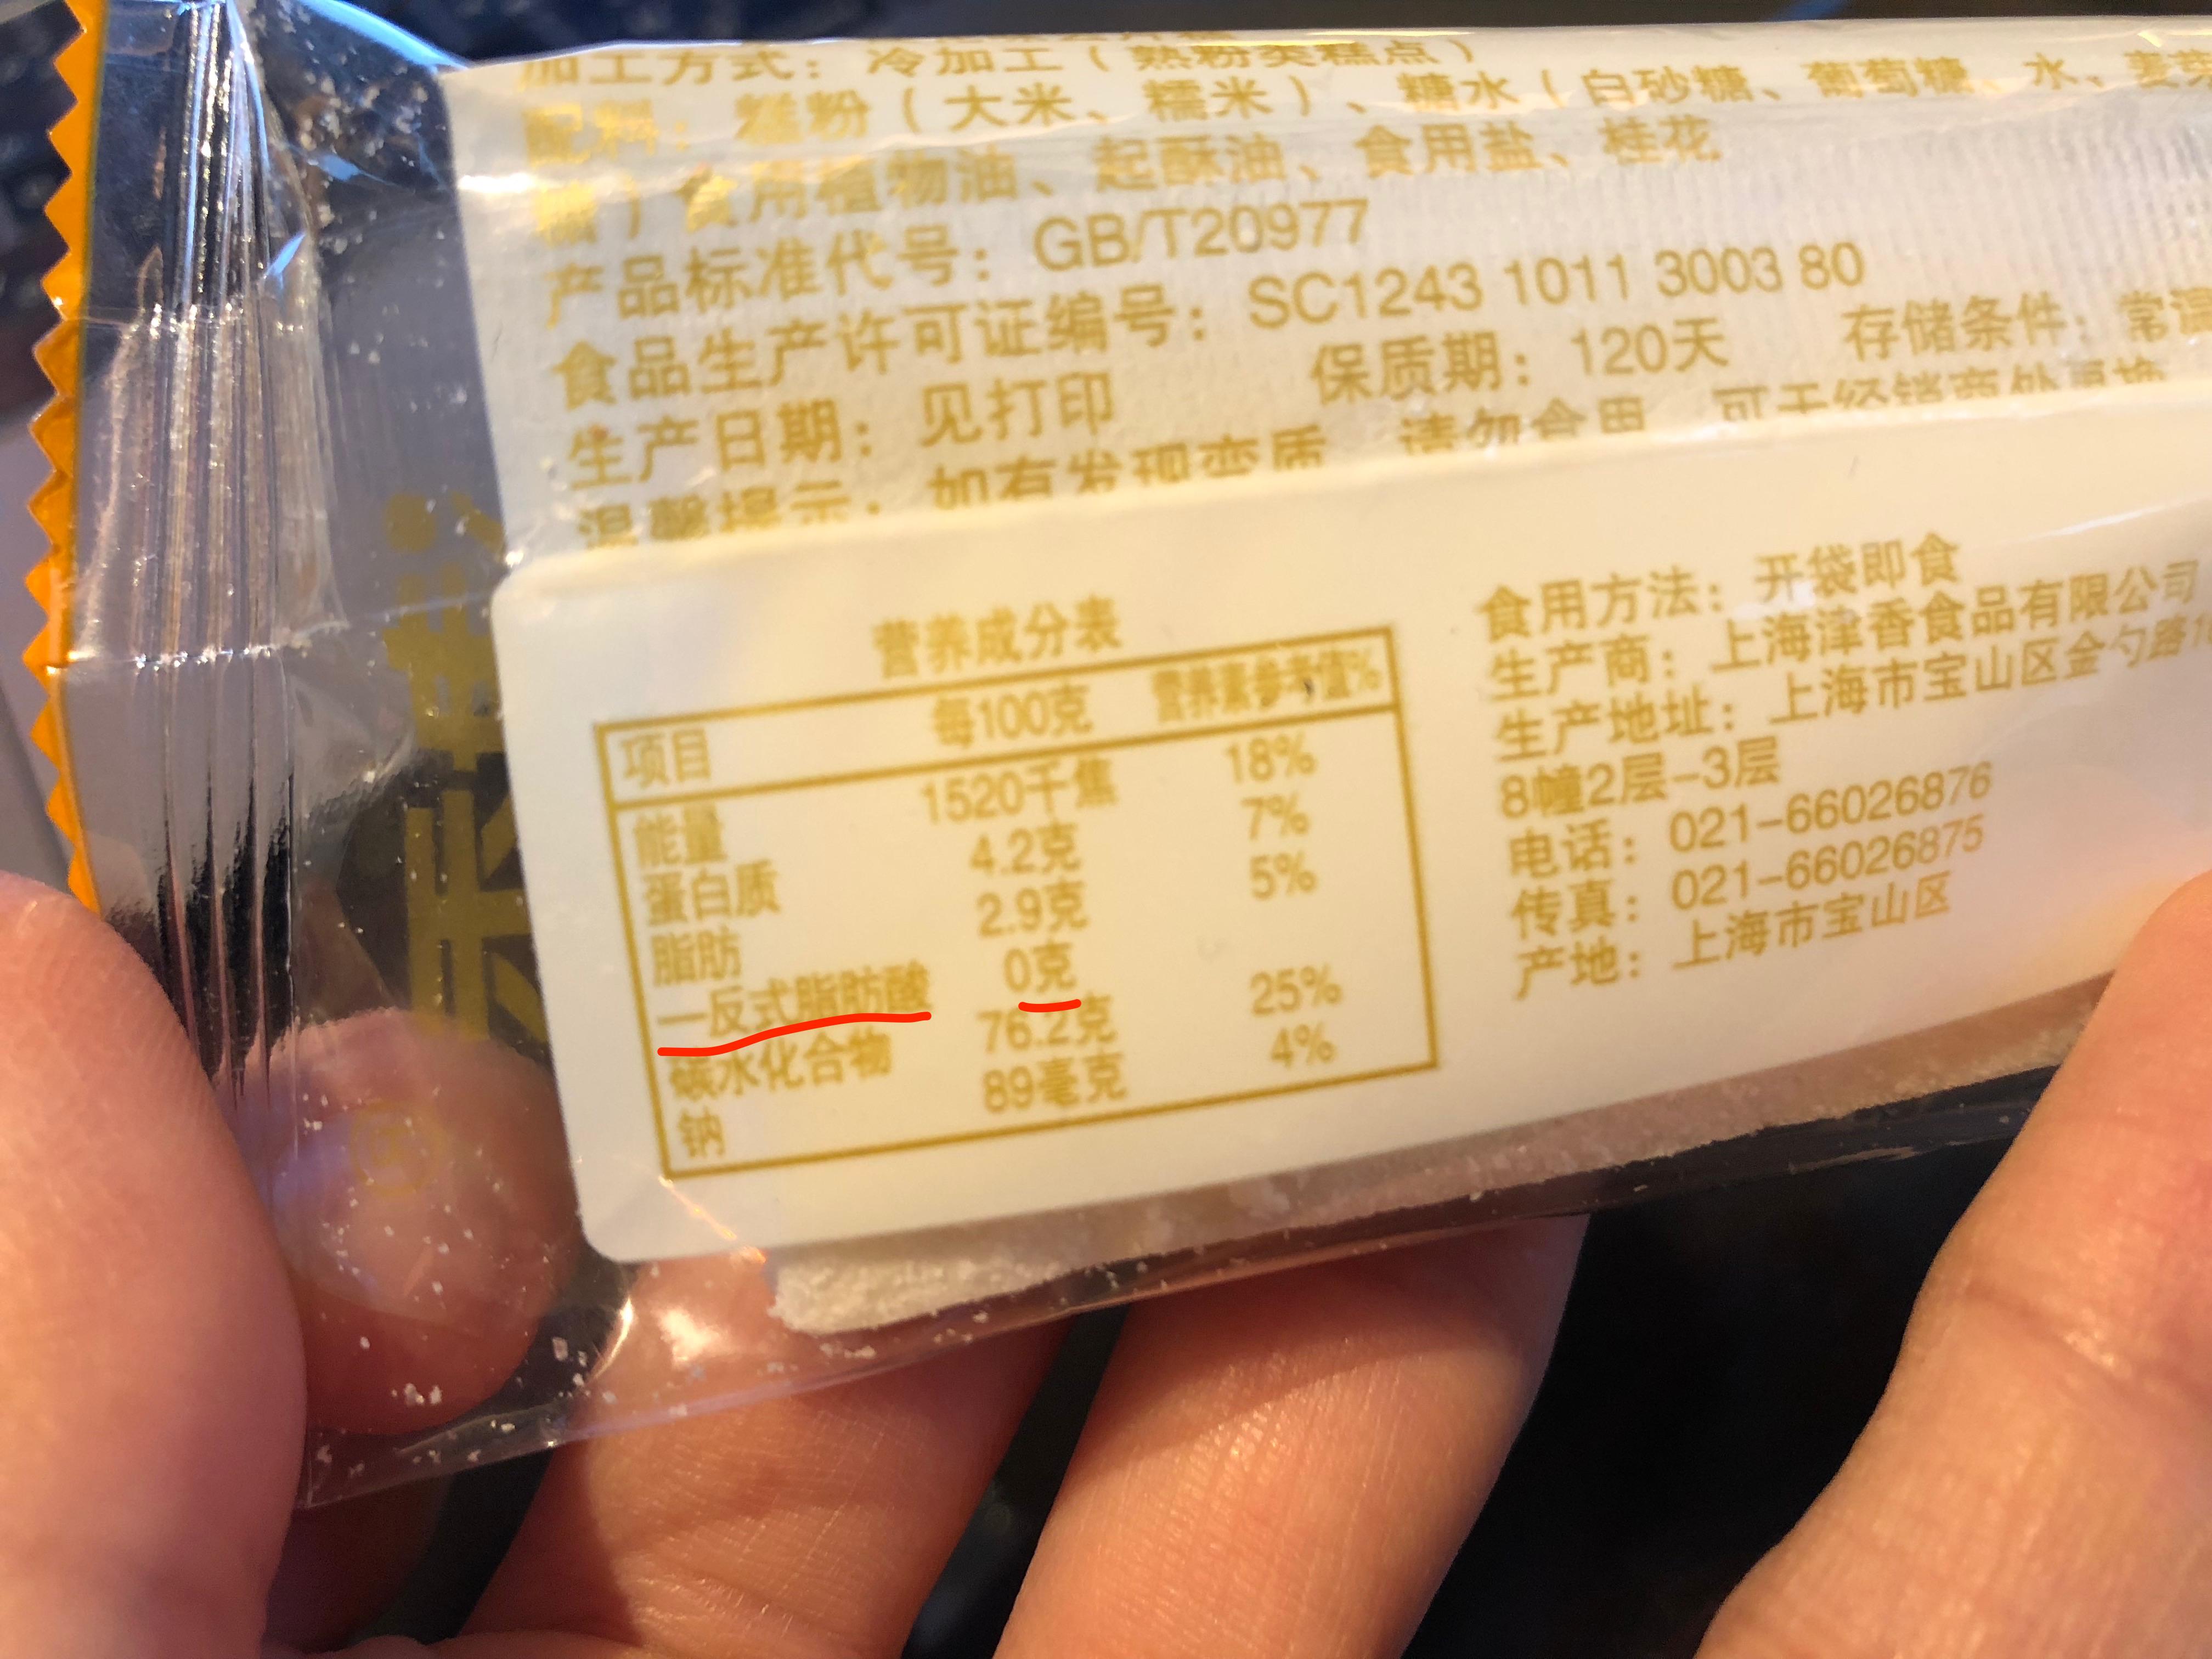 「中国のここがスゴい!」中国3都市を回って発見した日本が見習いたいすばらしい健康食習慣3つ